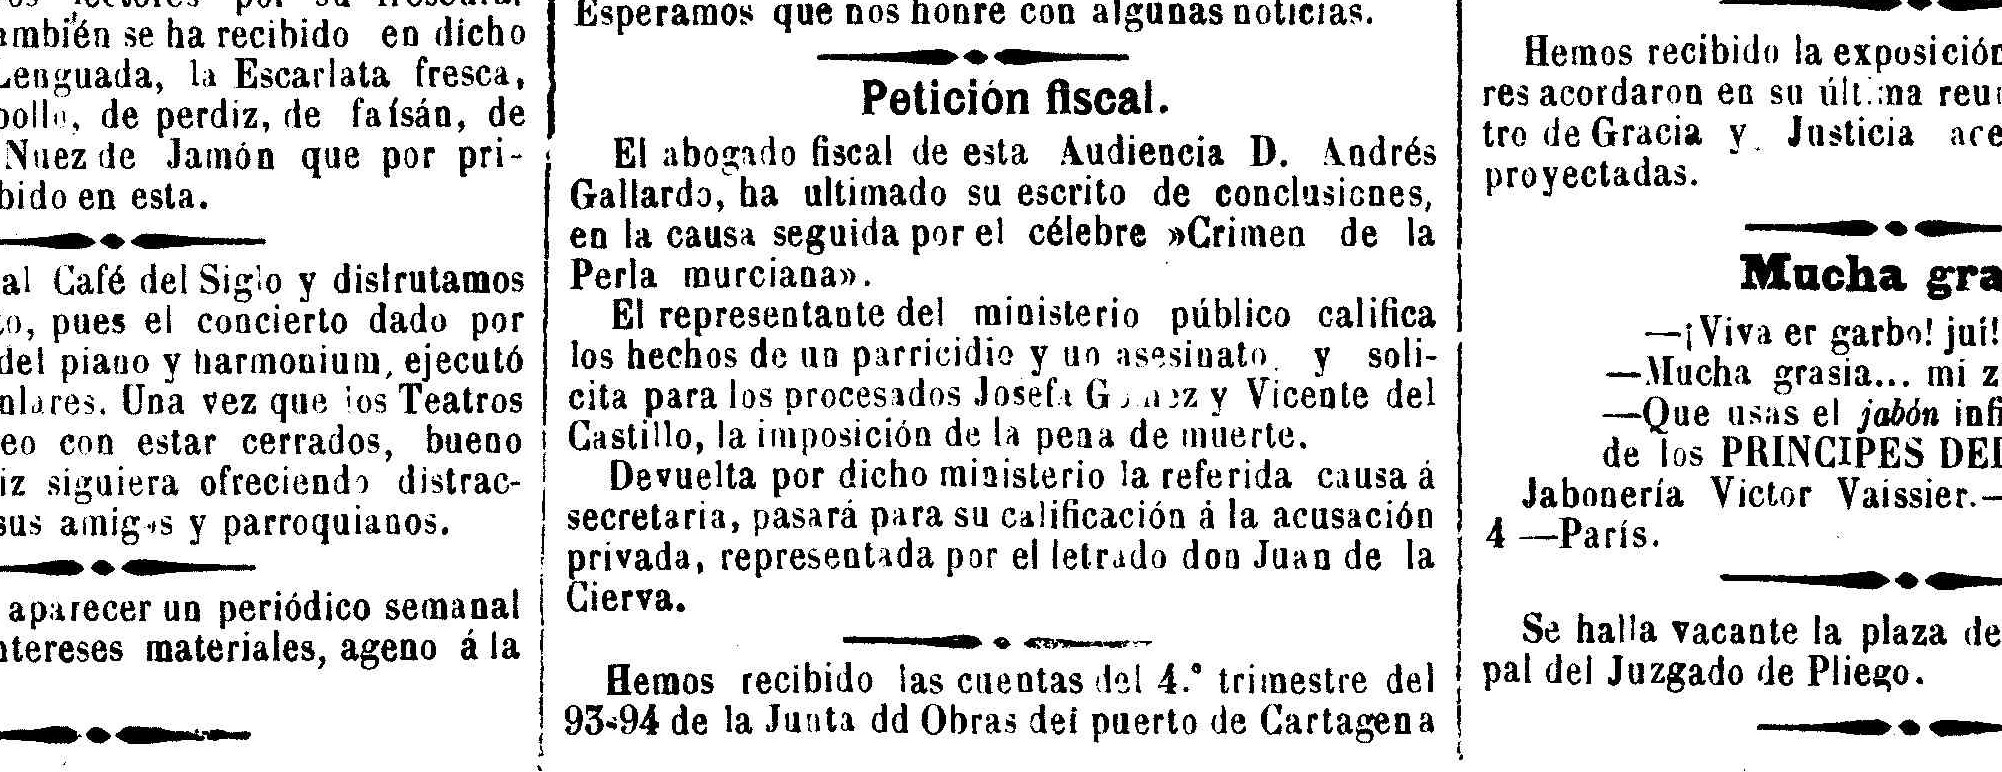 prensa_1024 (2).jpg